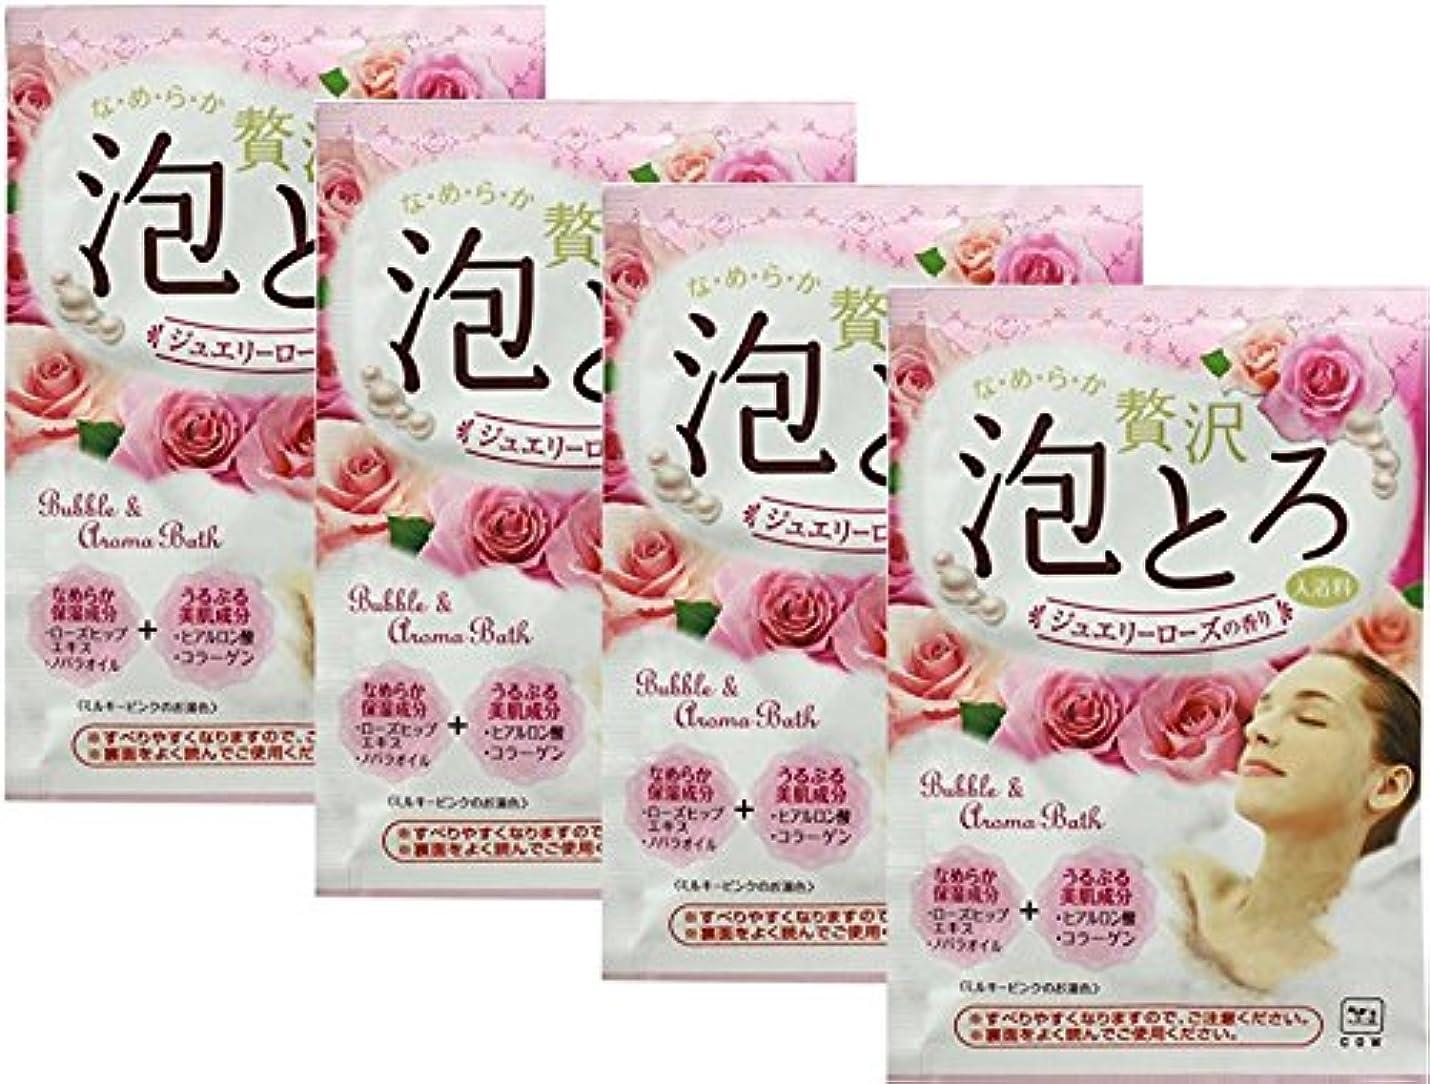 凝縮する電話斧牛乳石鹸共進社 贅沢泡とろ 入浴料 ジュエリーローズの香り 30g 【4点セット】